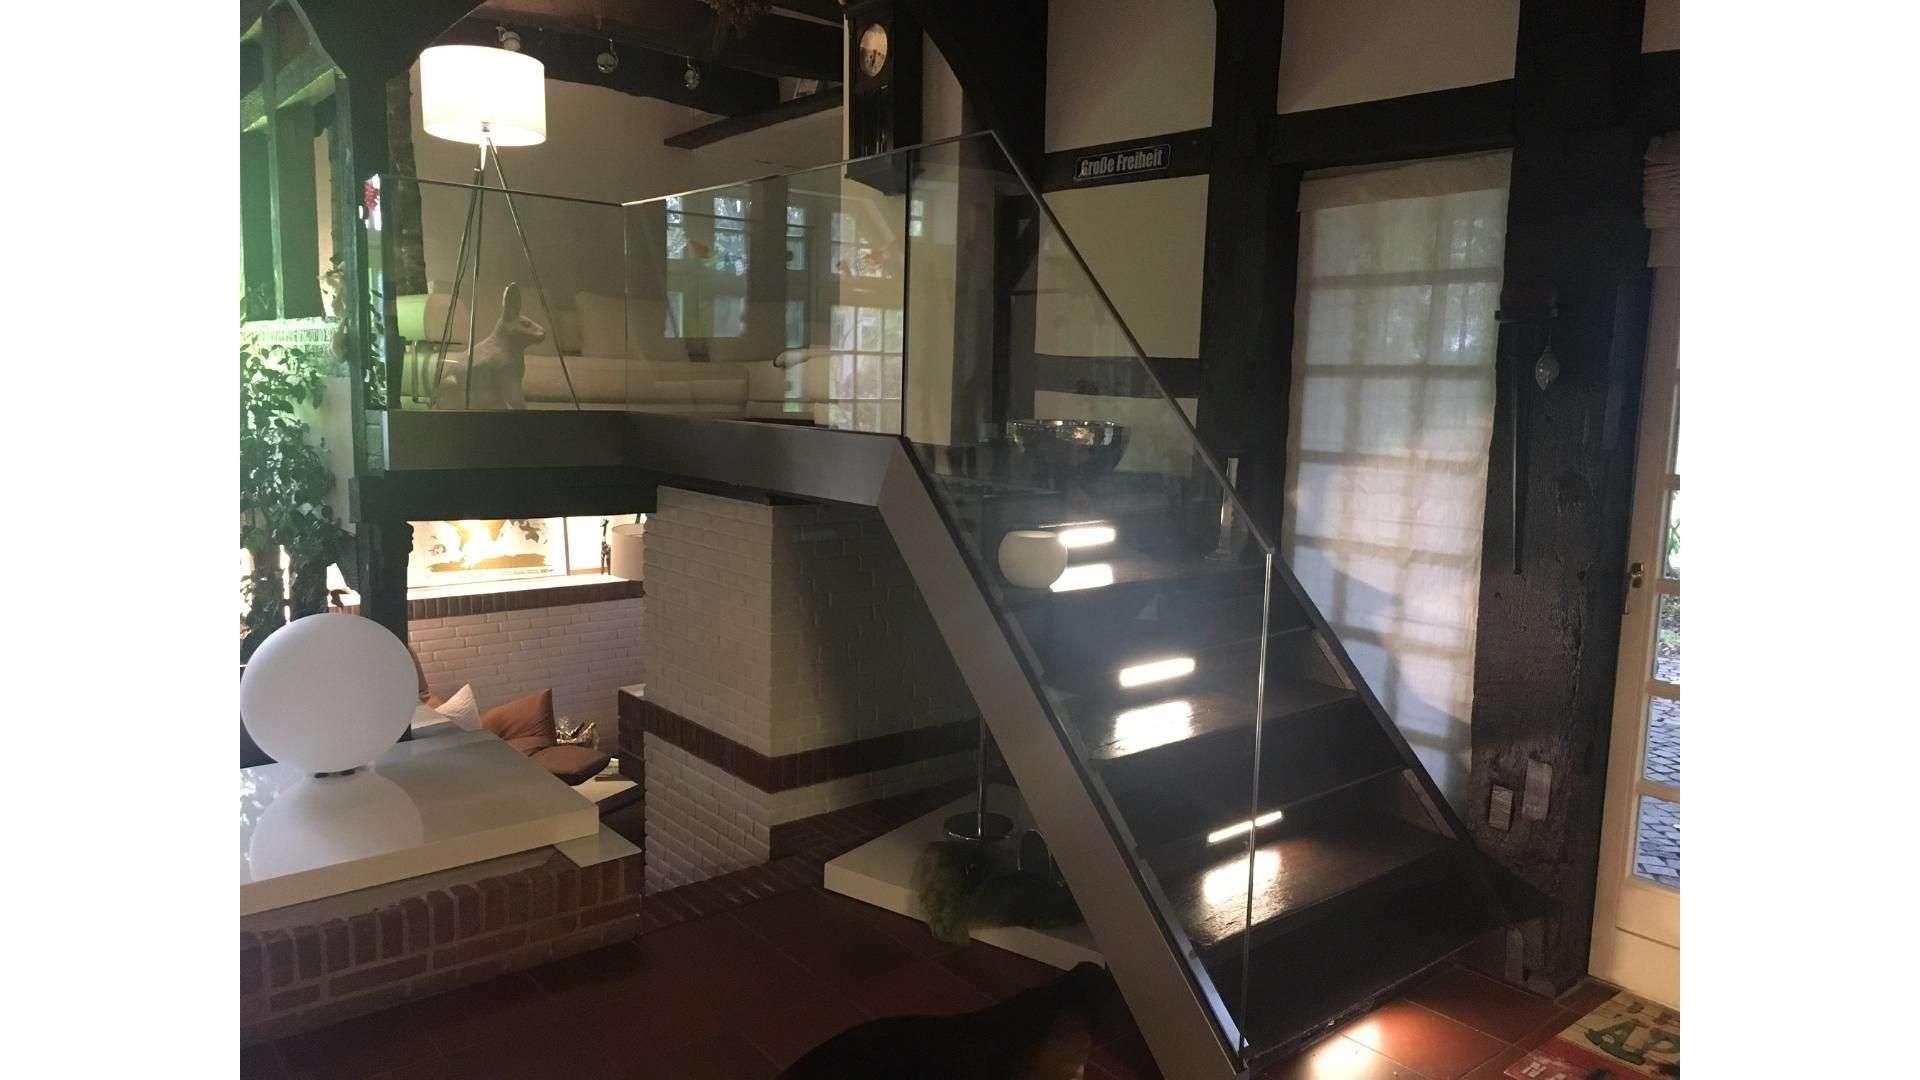 Glasgeländer an einer Treppe in einem Fachwerkhaus